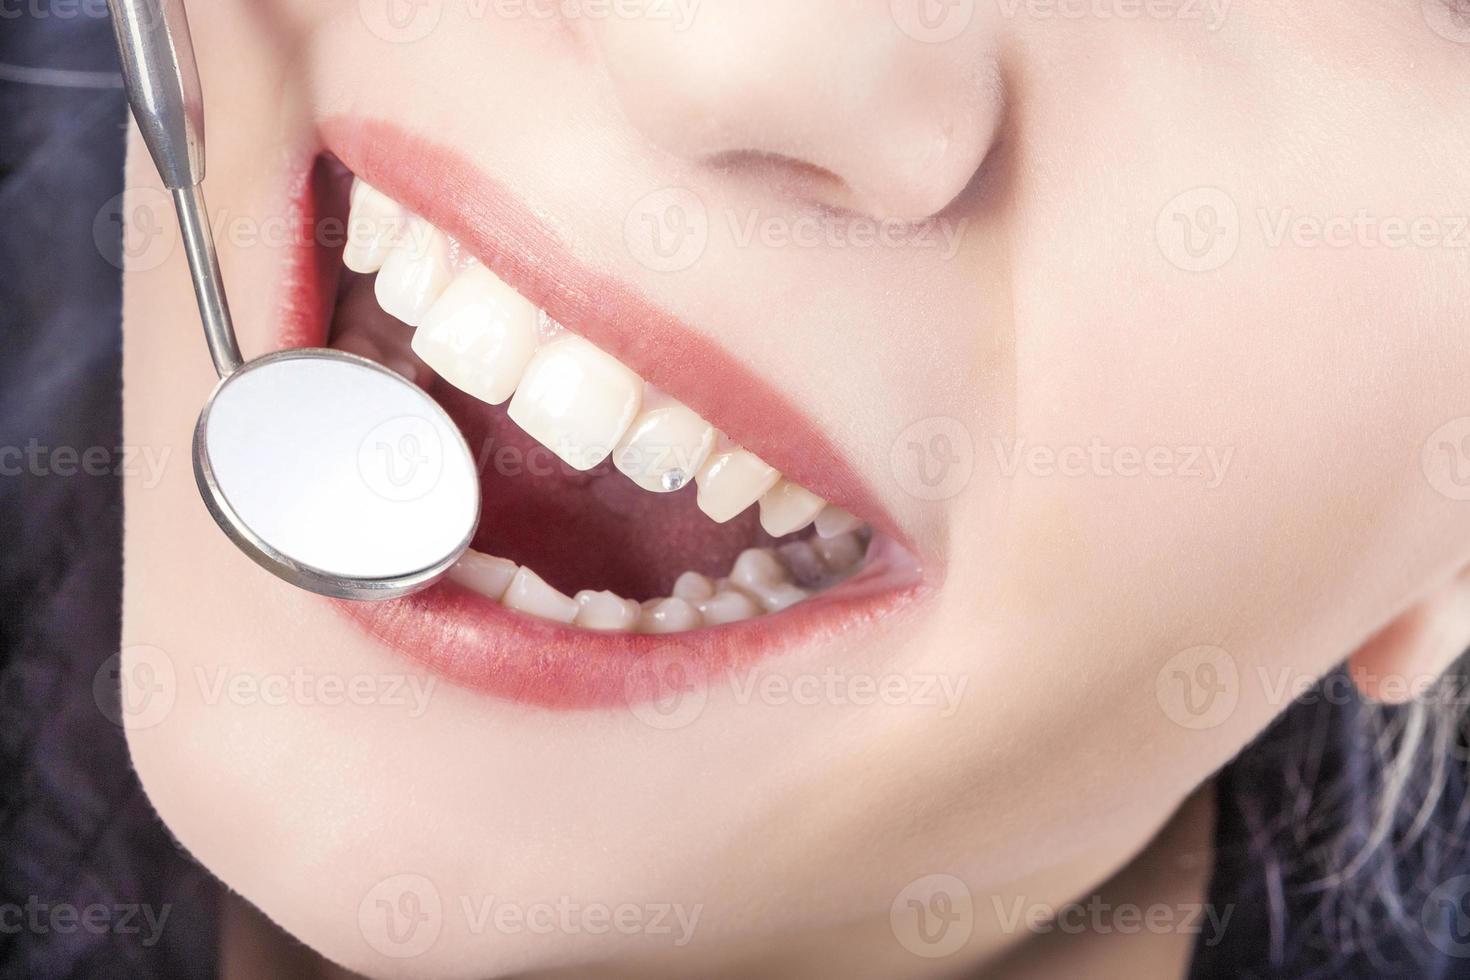 tandheelkundige behandeling met mondspiegel van jonge blanke vrouw foto